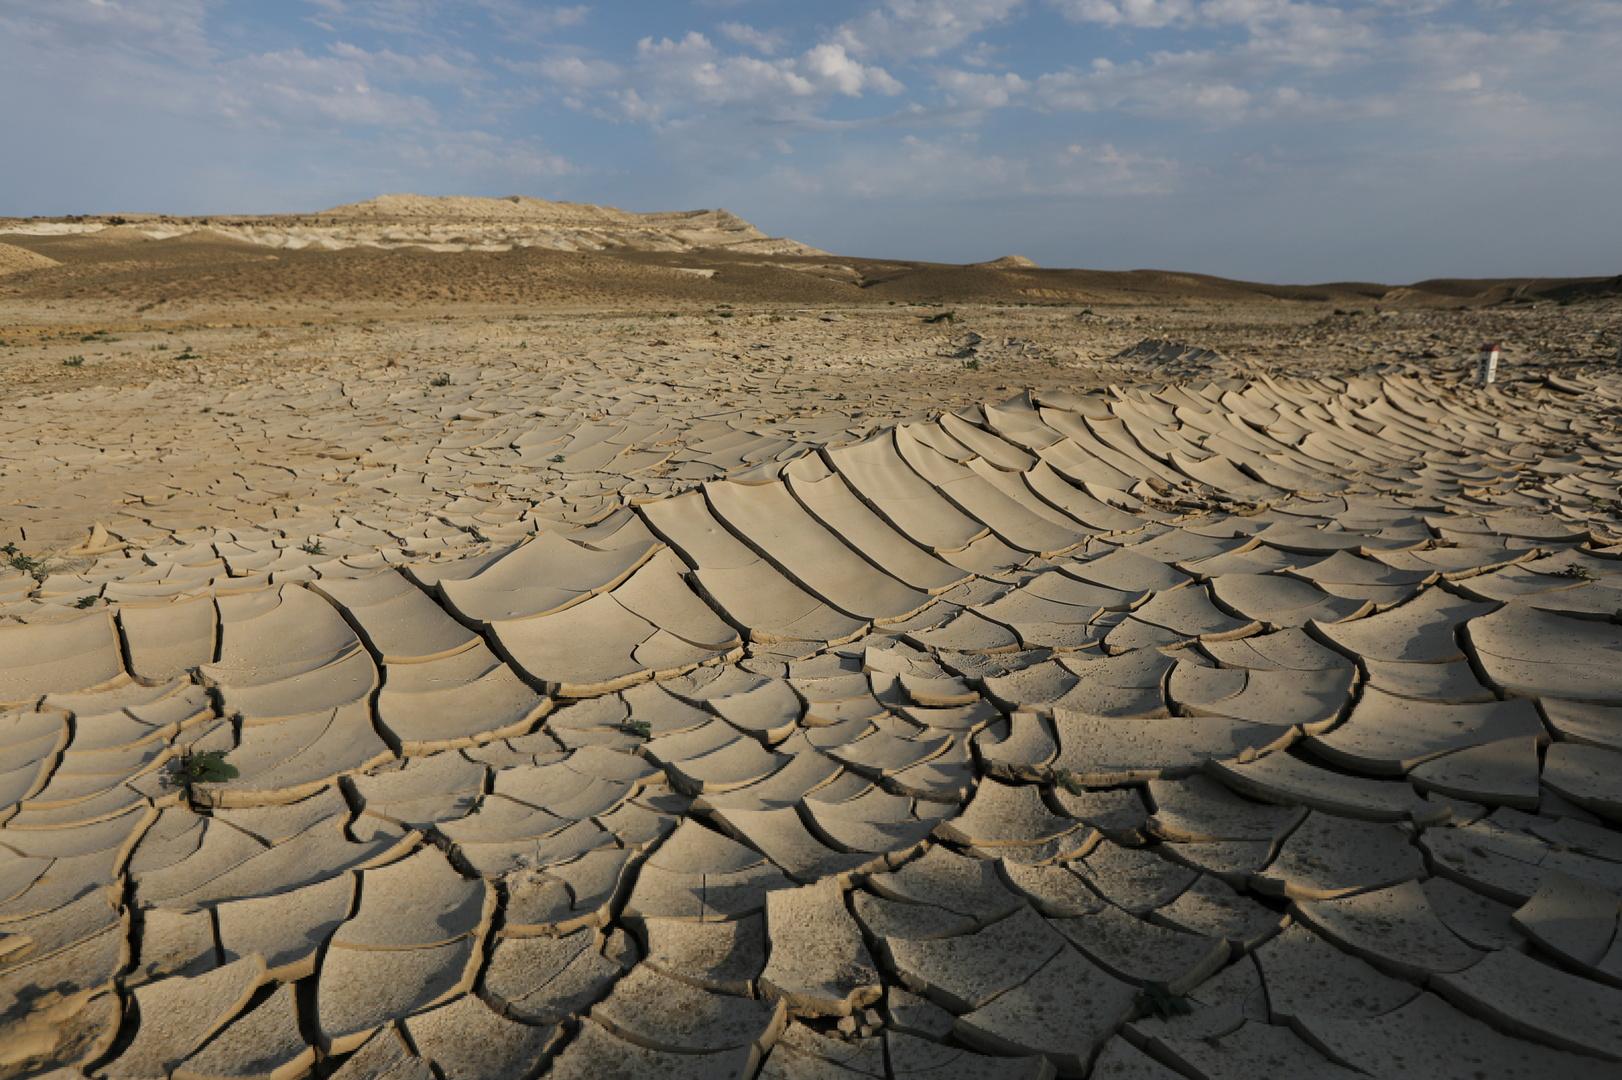 اليونيسيف: 1.1 مليار طفل معرضون لآثار التغير المناخي